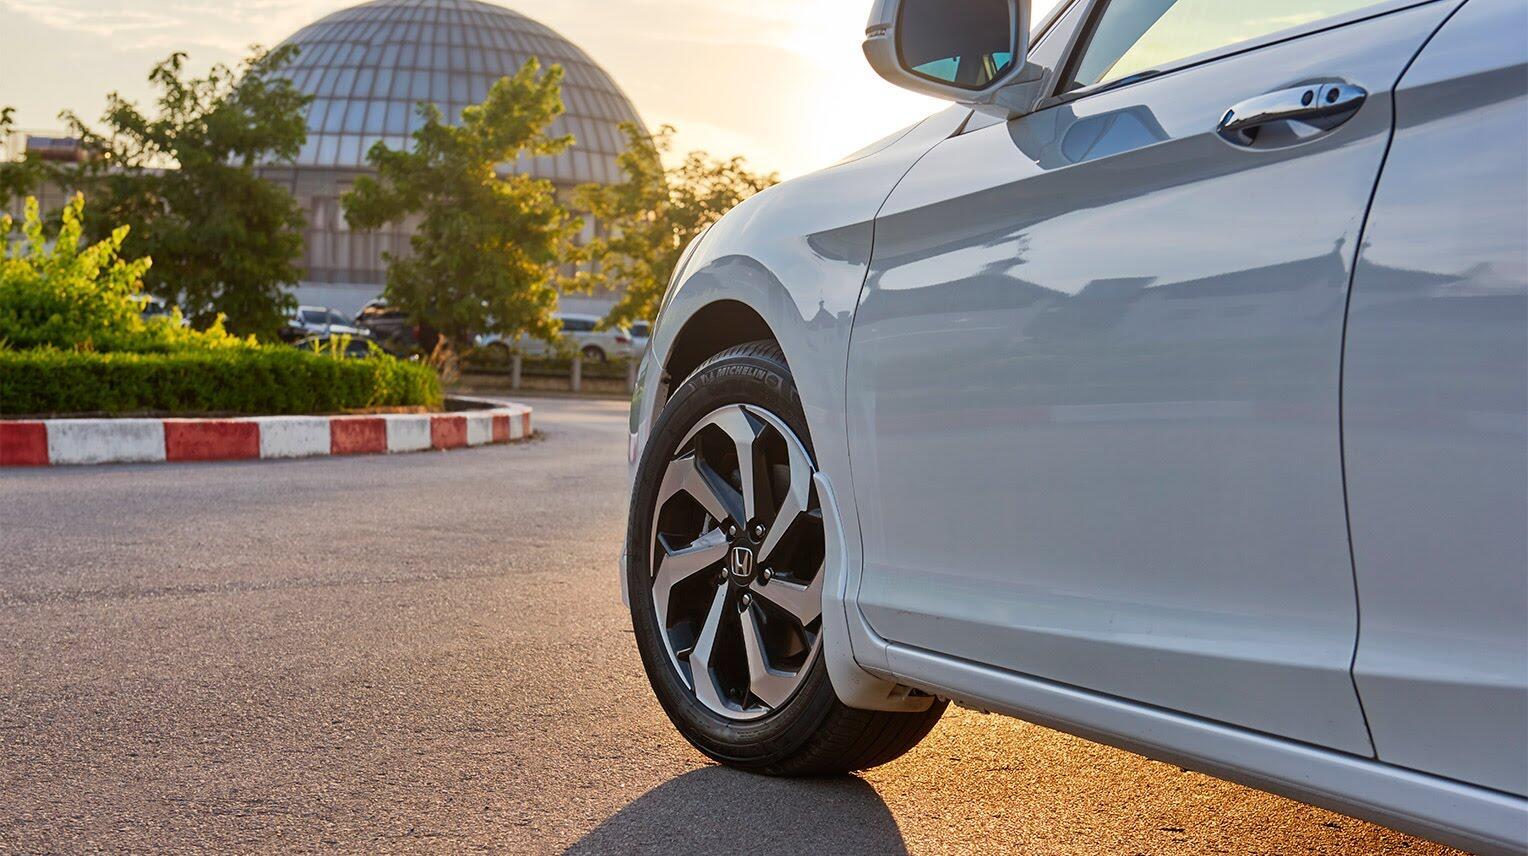 Đánh giá Honda Accord 2016: Ưa nhìn hơn, trang bị tốt hơn và lái phấn khích hơn - Hình 7